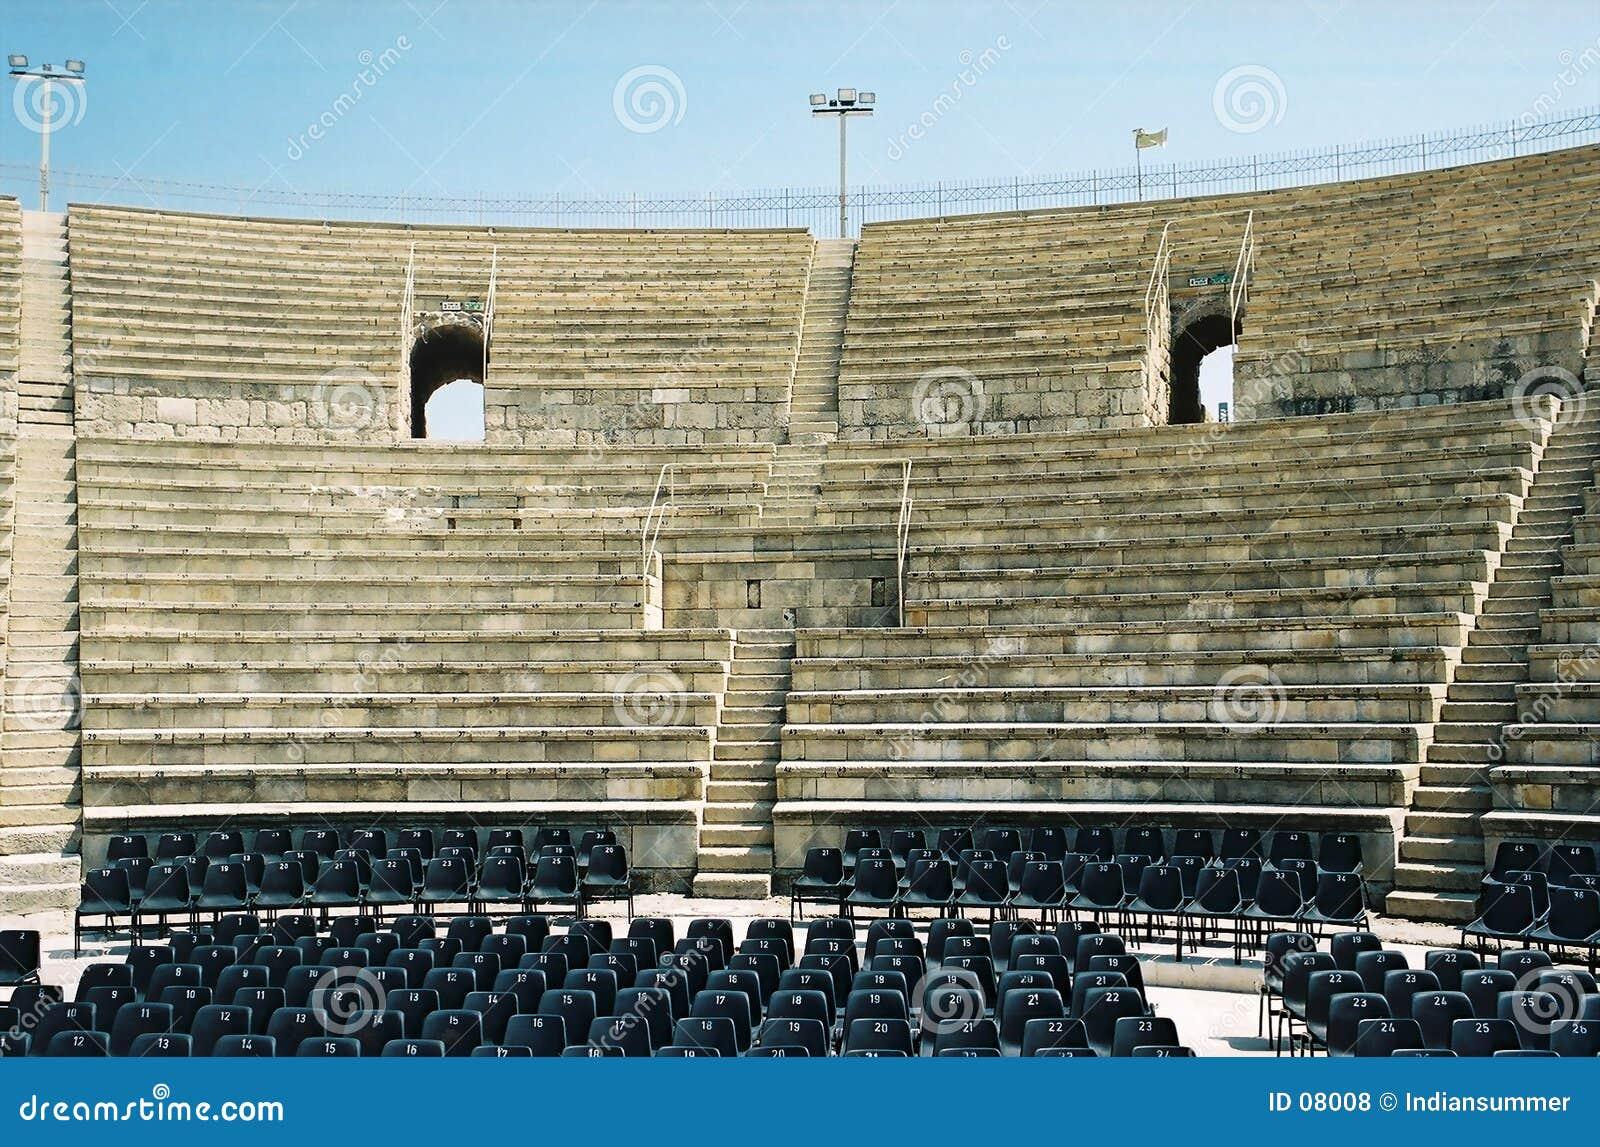 Antique Roman theatre